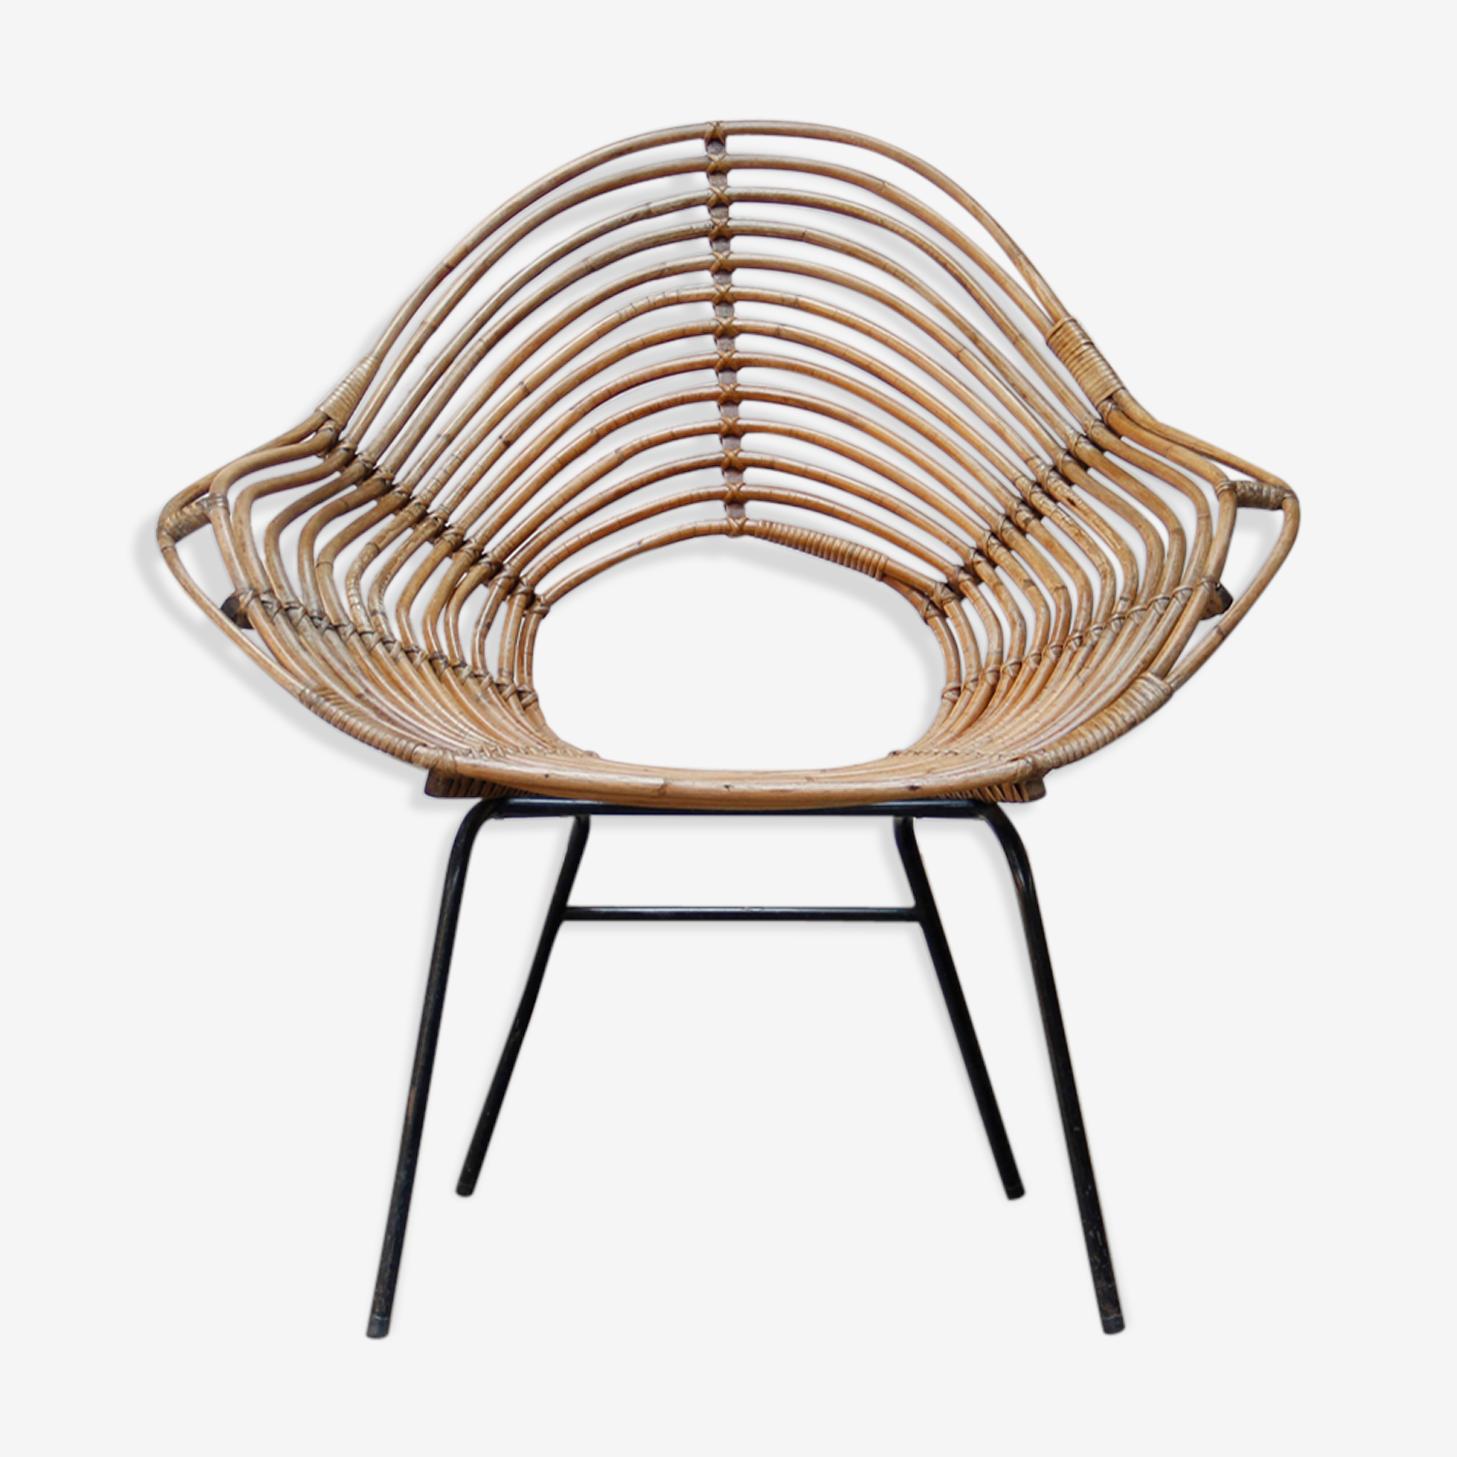 Rohé Noordwolde, Rotan lounge chair by Dirk van Sliedregt